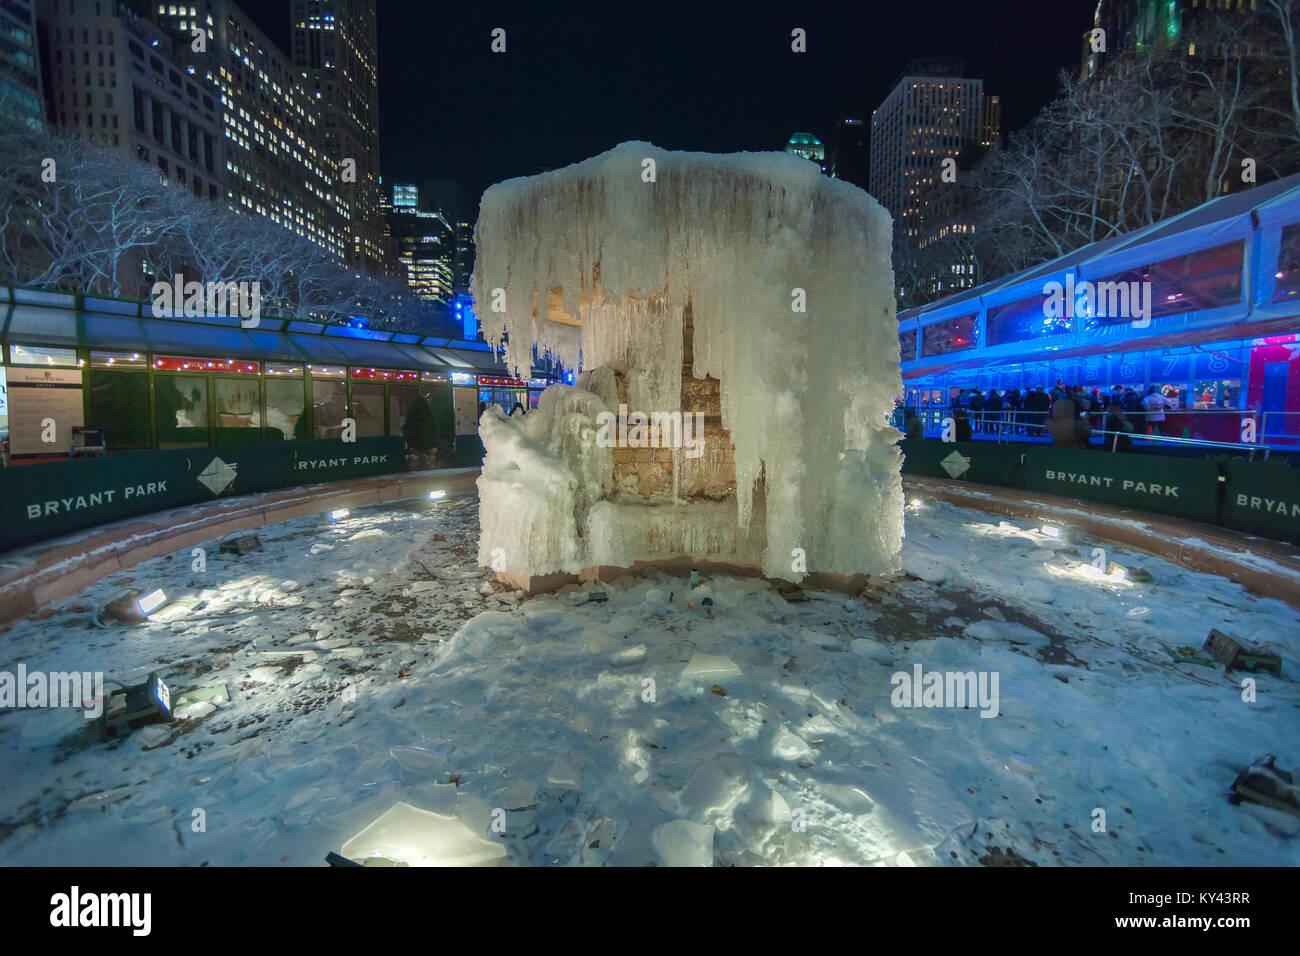 Besucher Bryant Park in New York Halt am Josephine Shaw Lowell Memorial Fountain, ein kaltes Wetter Eis hat Skulptur am Dienstag, 2. Januar 2018. Die Stadt hat eine Wetter beratenden Da zwischen 1 und 3 Zoll Schnee wird am Donnerstag vorhergesagt, von bitter kalt 1-Ziffern über das Wochenende folgt. (© Richard B. Levine) Stockfoto